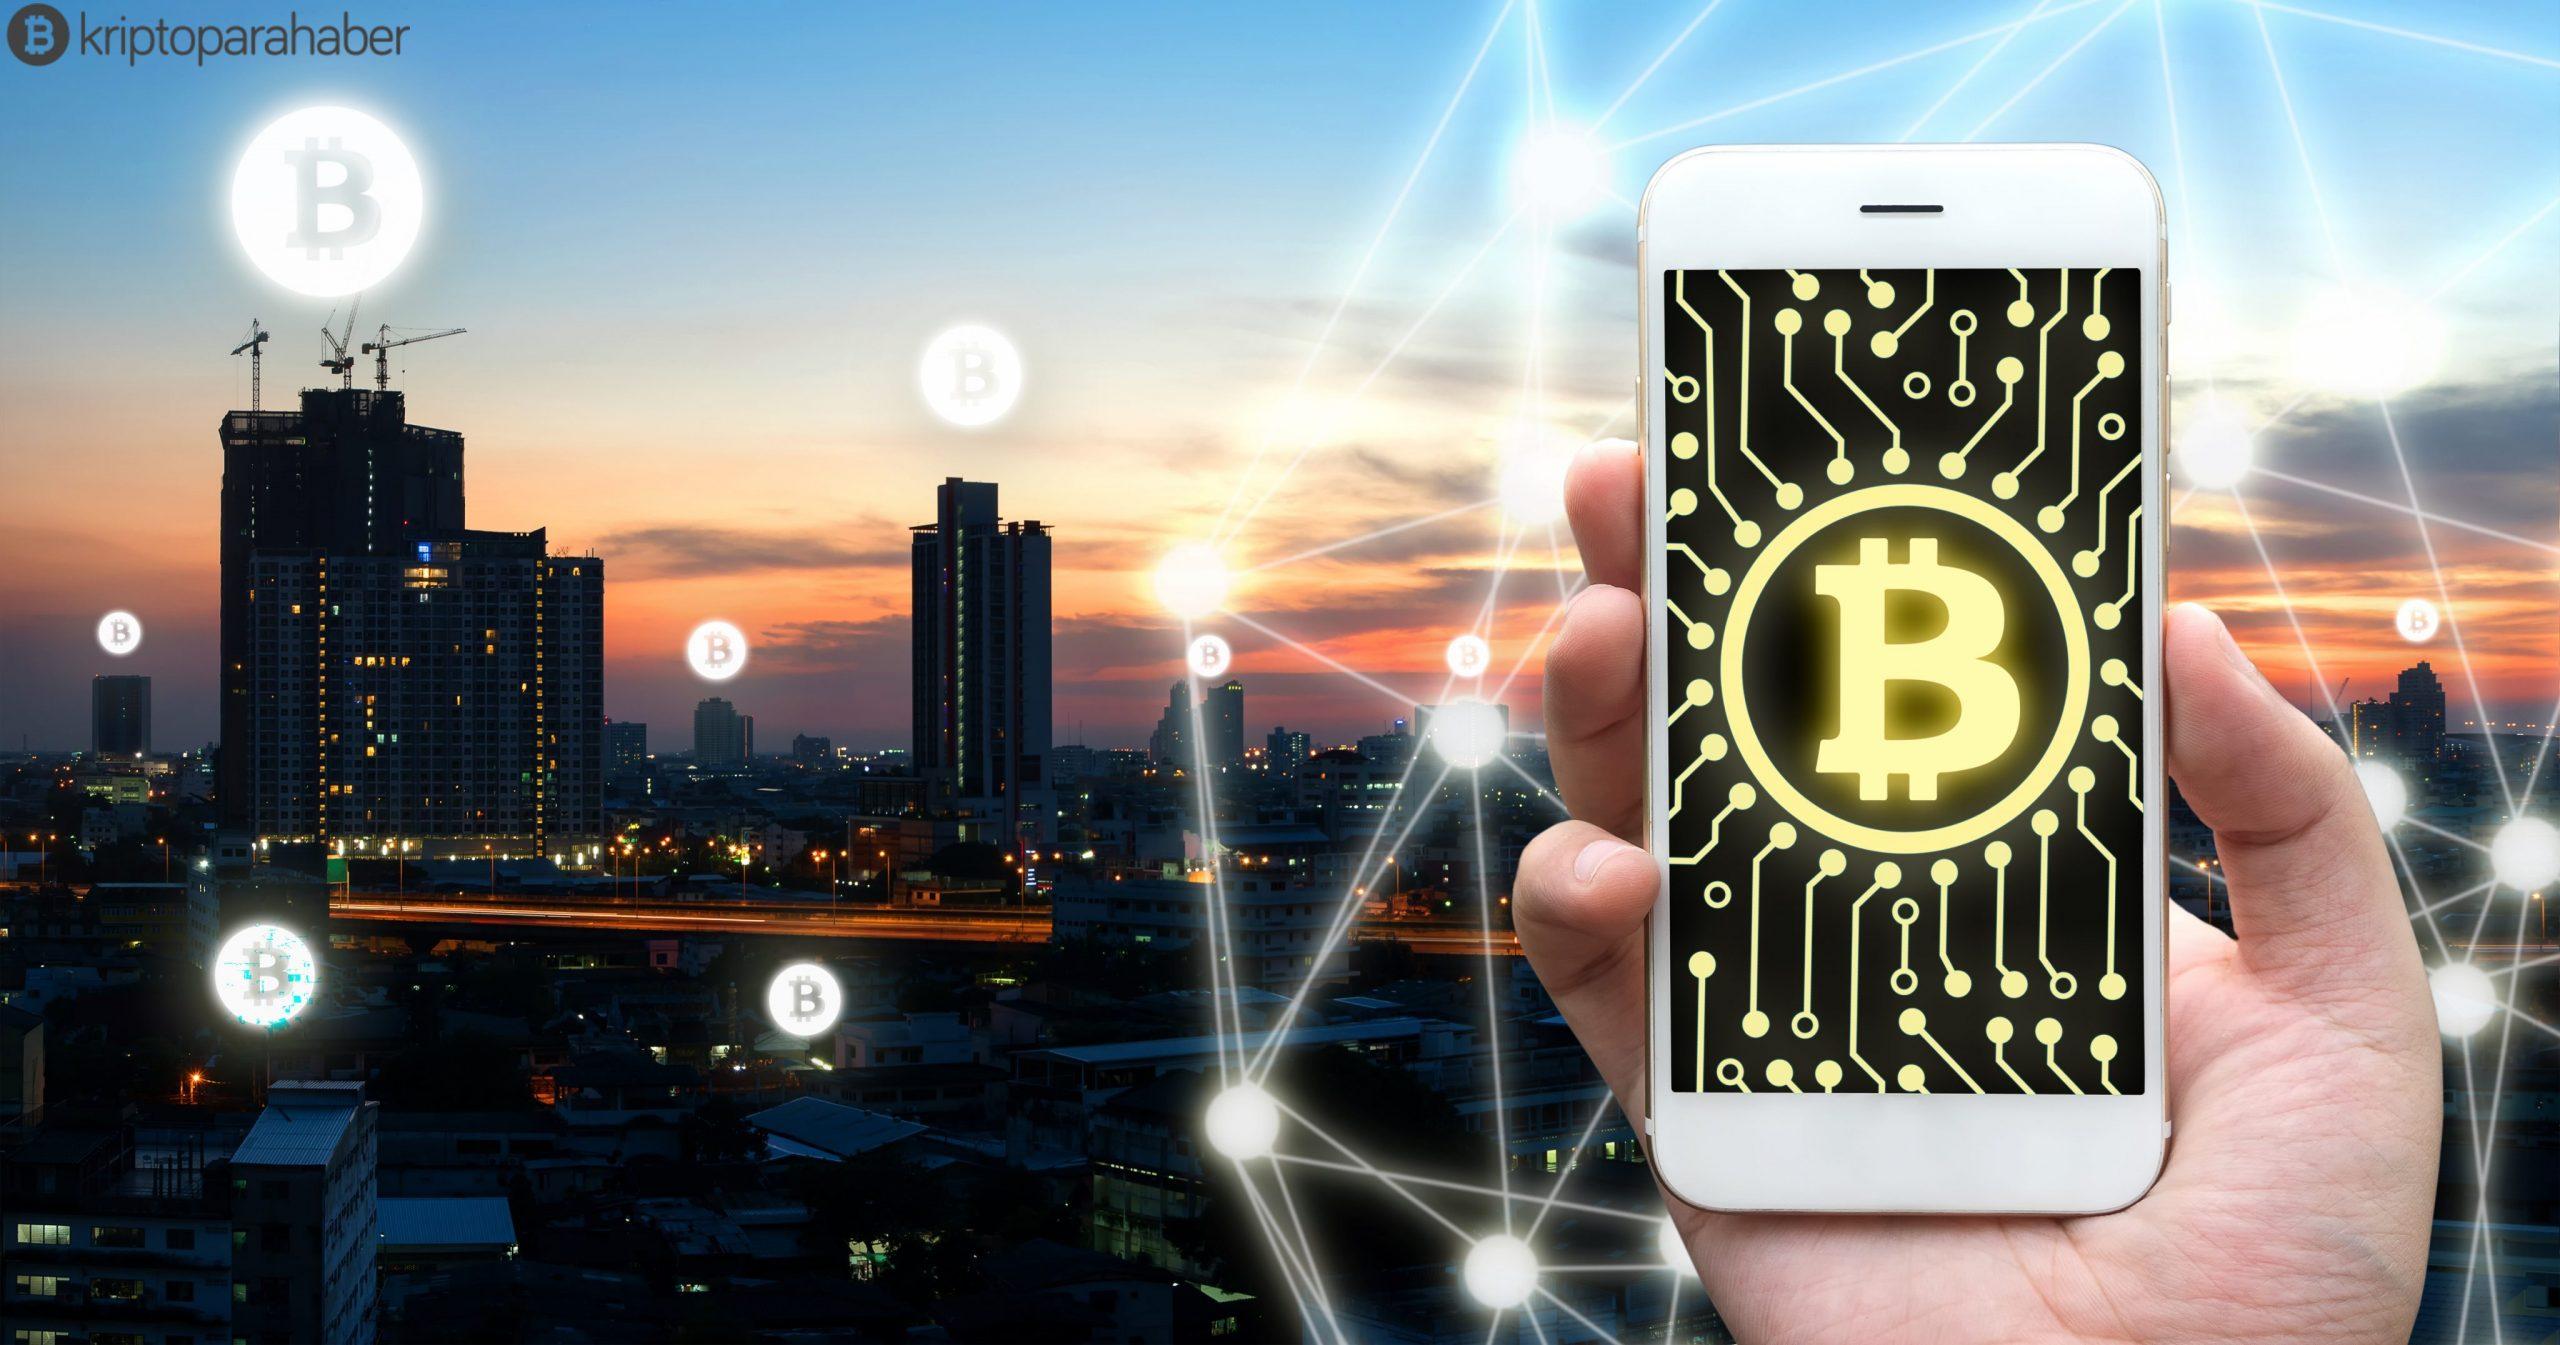 Miner One uzayda Bitcoin üreterek, Bitcoin'e olan güveni gösterdi